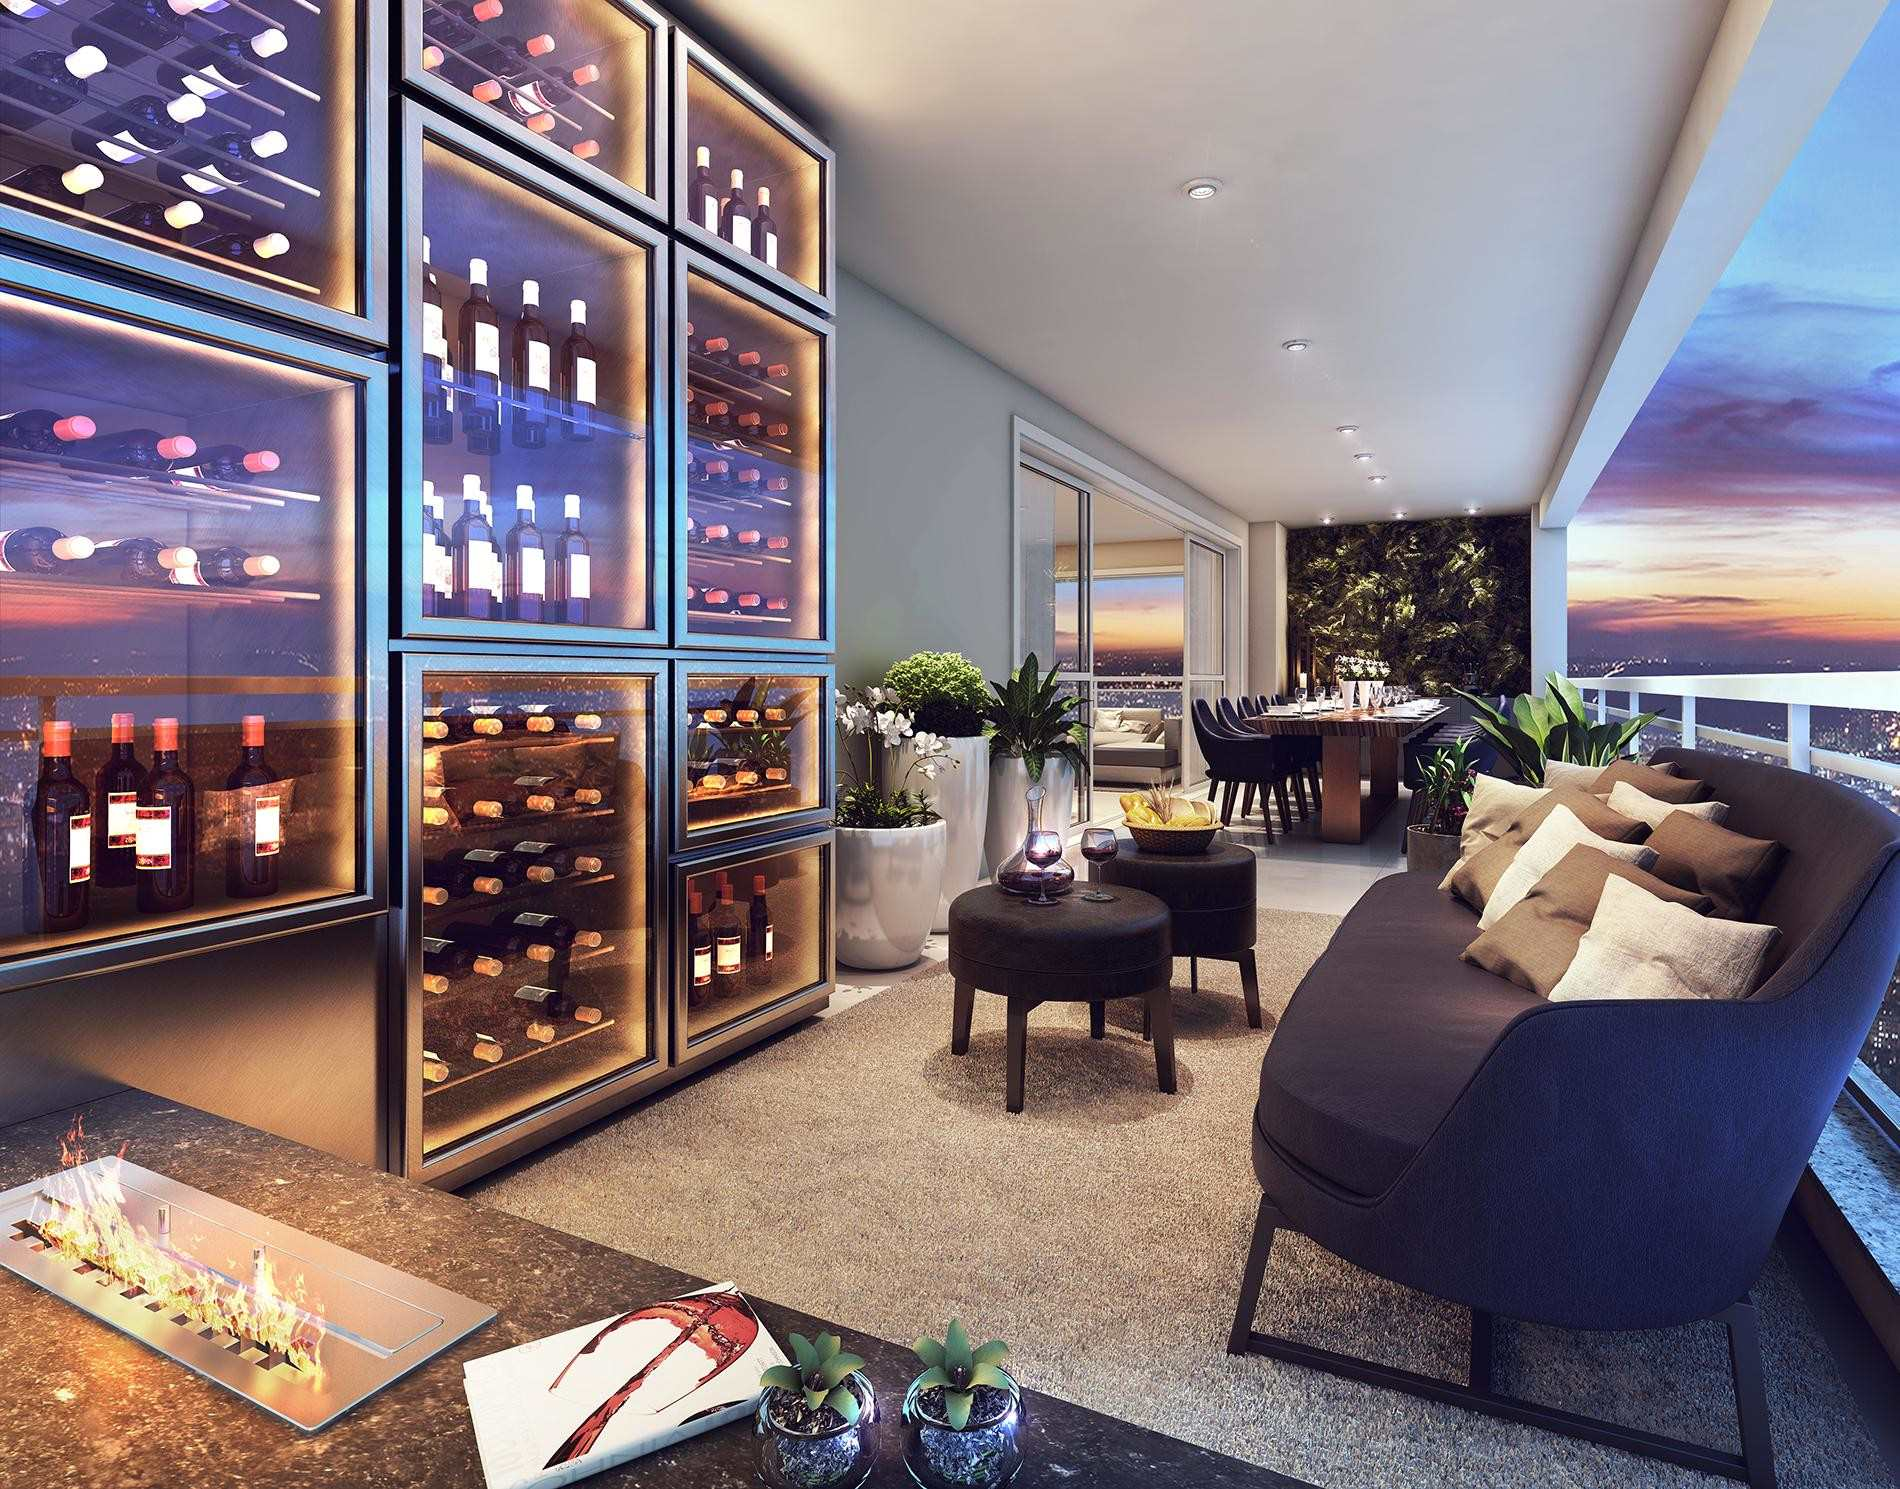 130567463360919590_original-perspectiva-ilustrada-da-varanda-do-apartamento-de-174-m